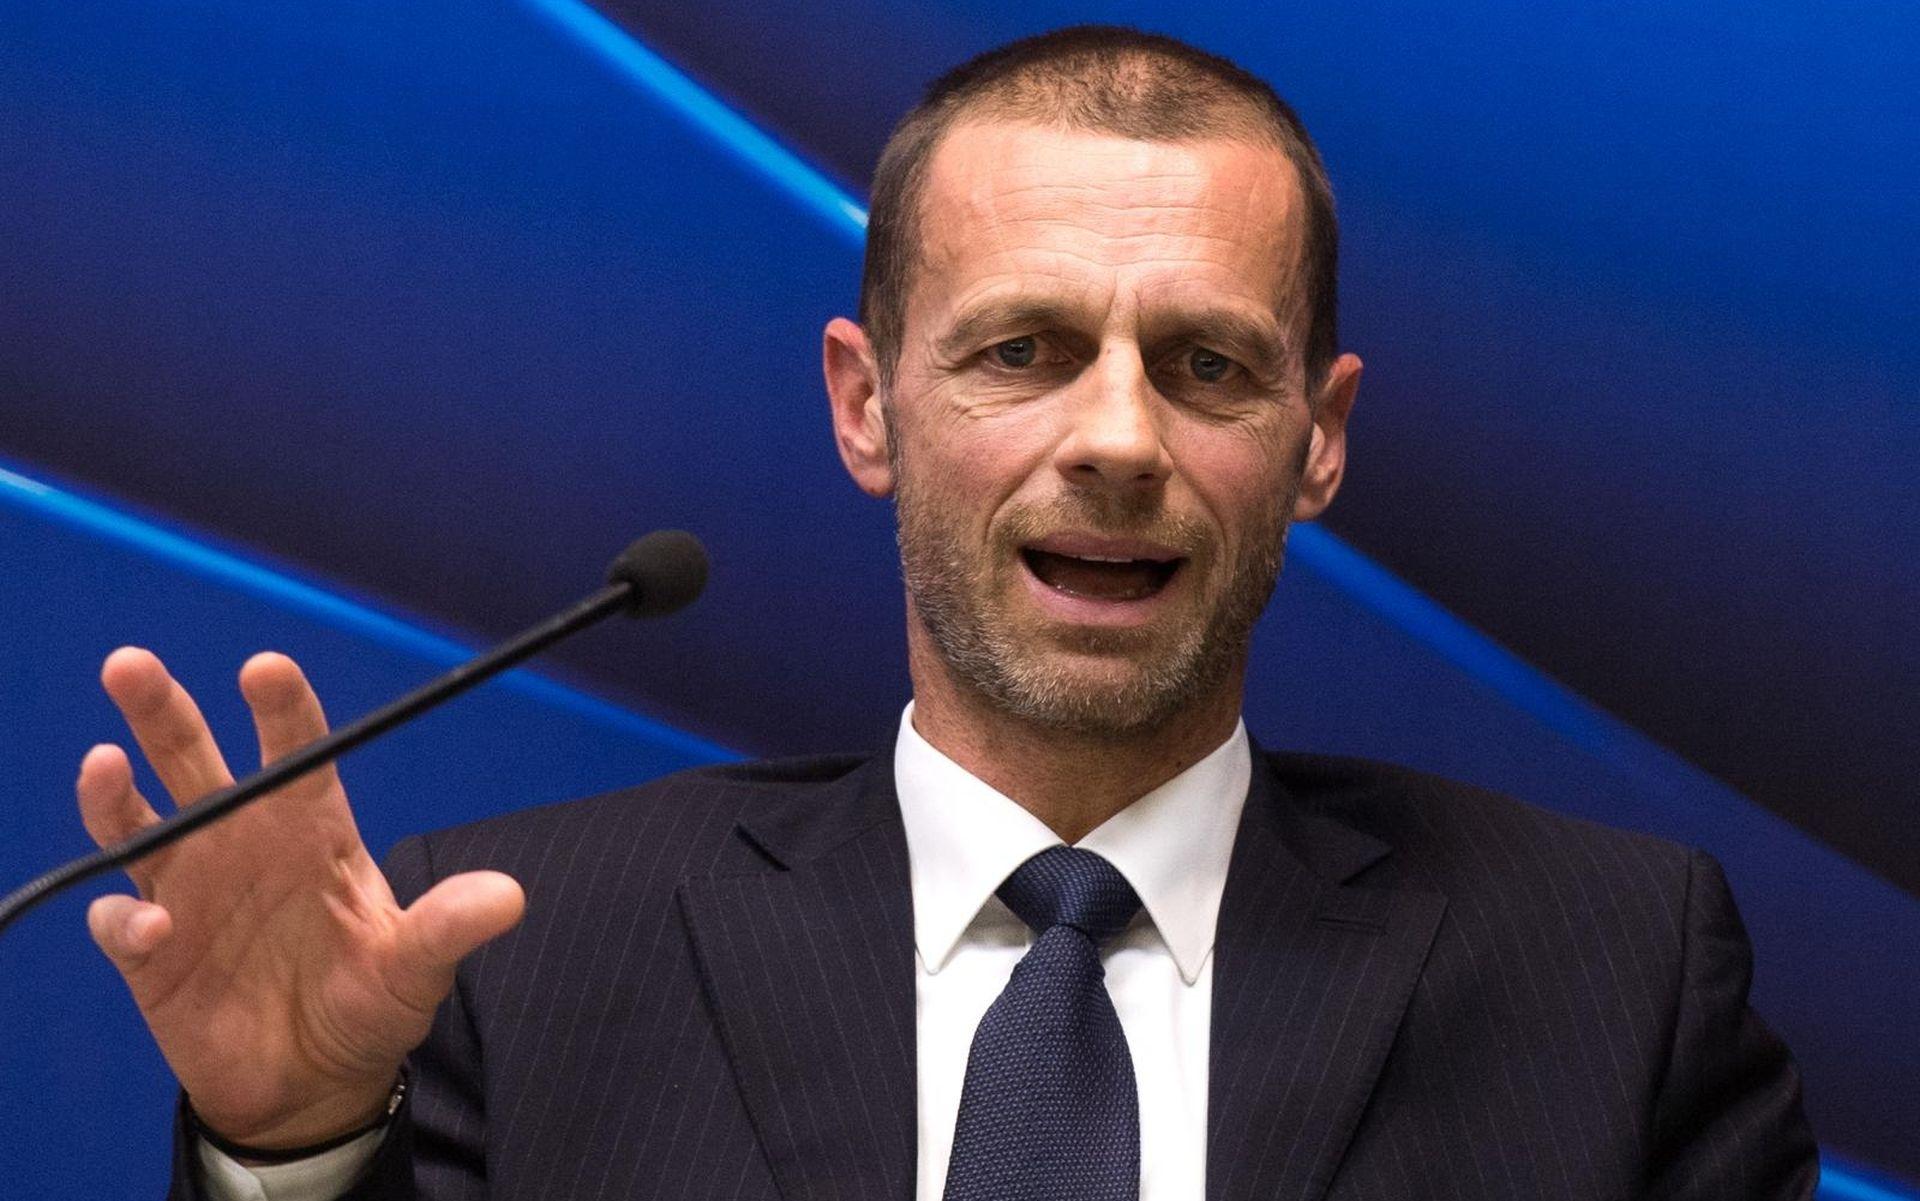 Čeferin jedini kandidat za predsjednika UEFA-e